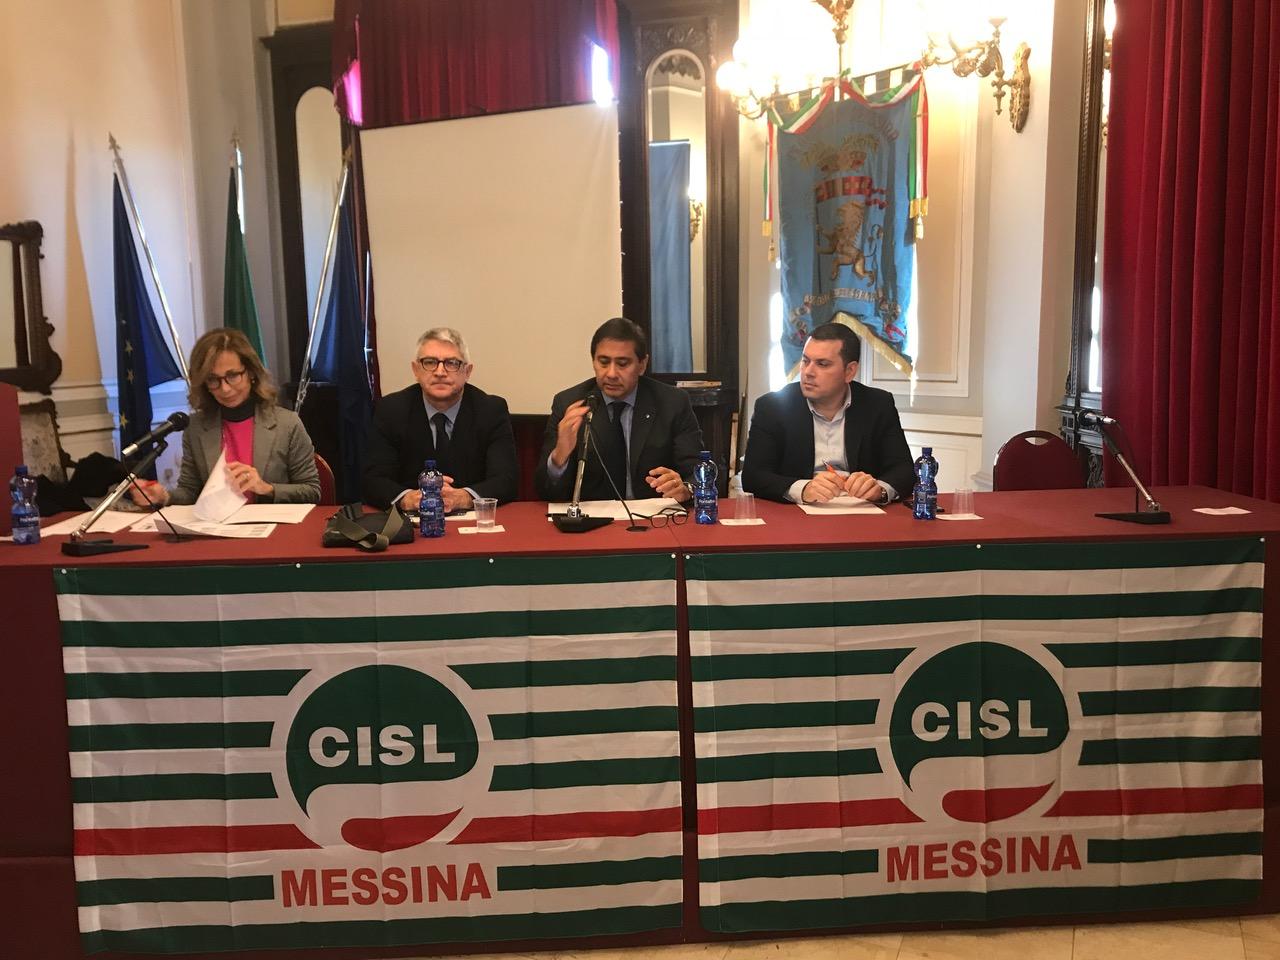 Cisl Messina, ratificate dimissioni segretario generale Genovese. Consiglio riaggiornato per nuove elezioni